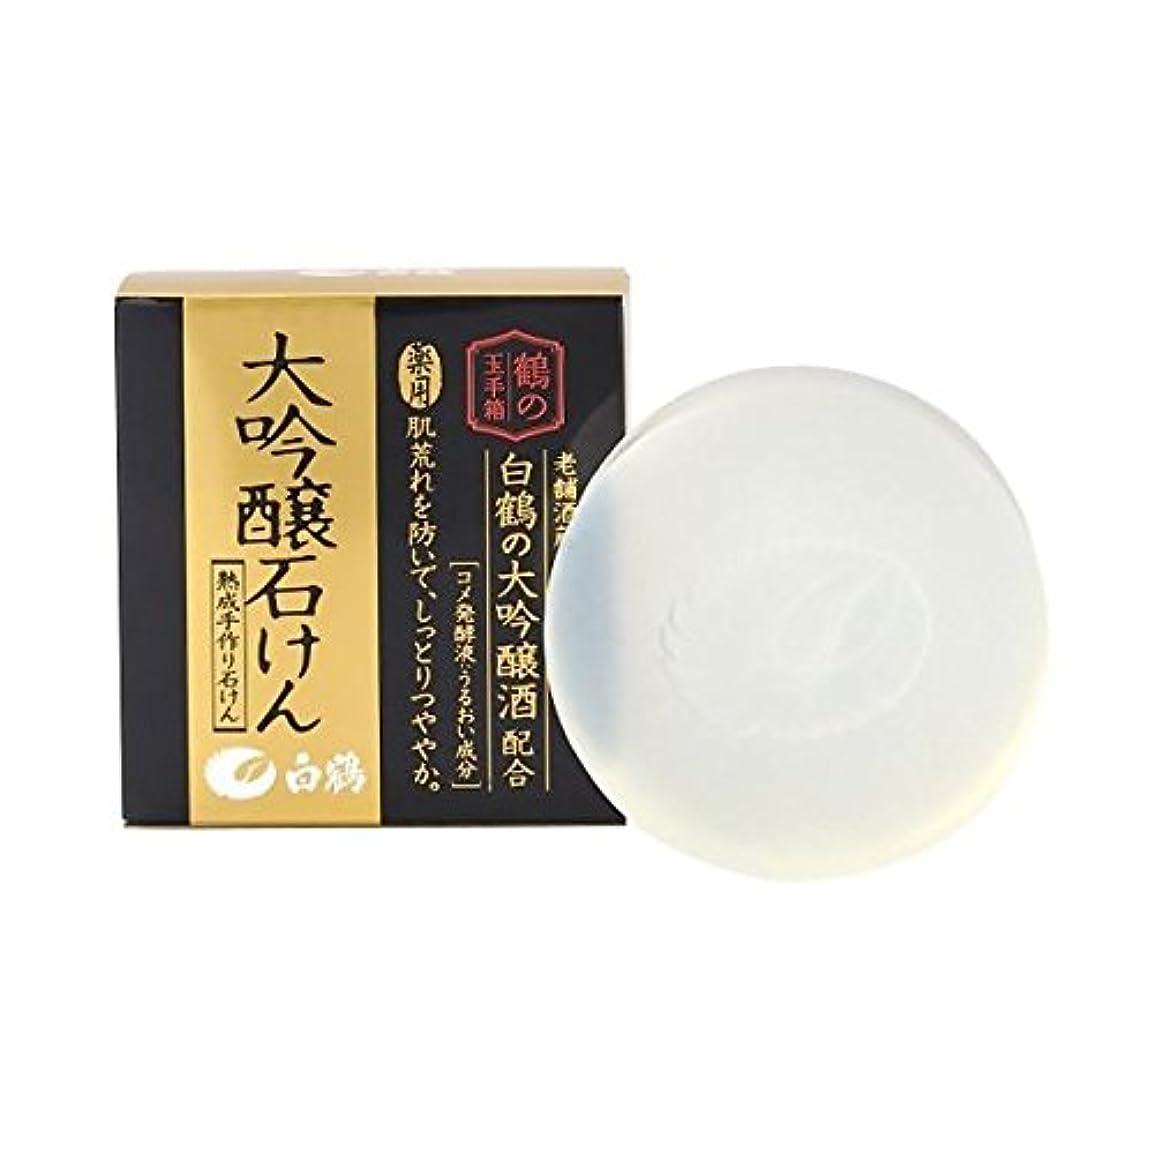 確率粘液好奇心盛白鶴 鶴の玉手箱 大吟醸石けん 100g × 3個 (薬用)(医薬部外品)